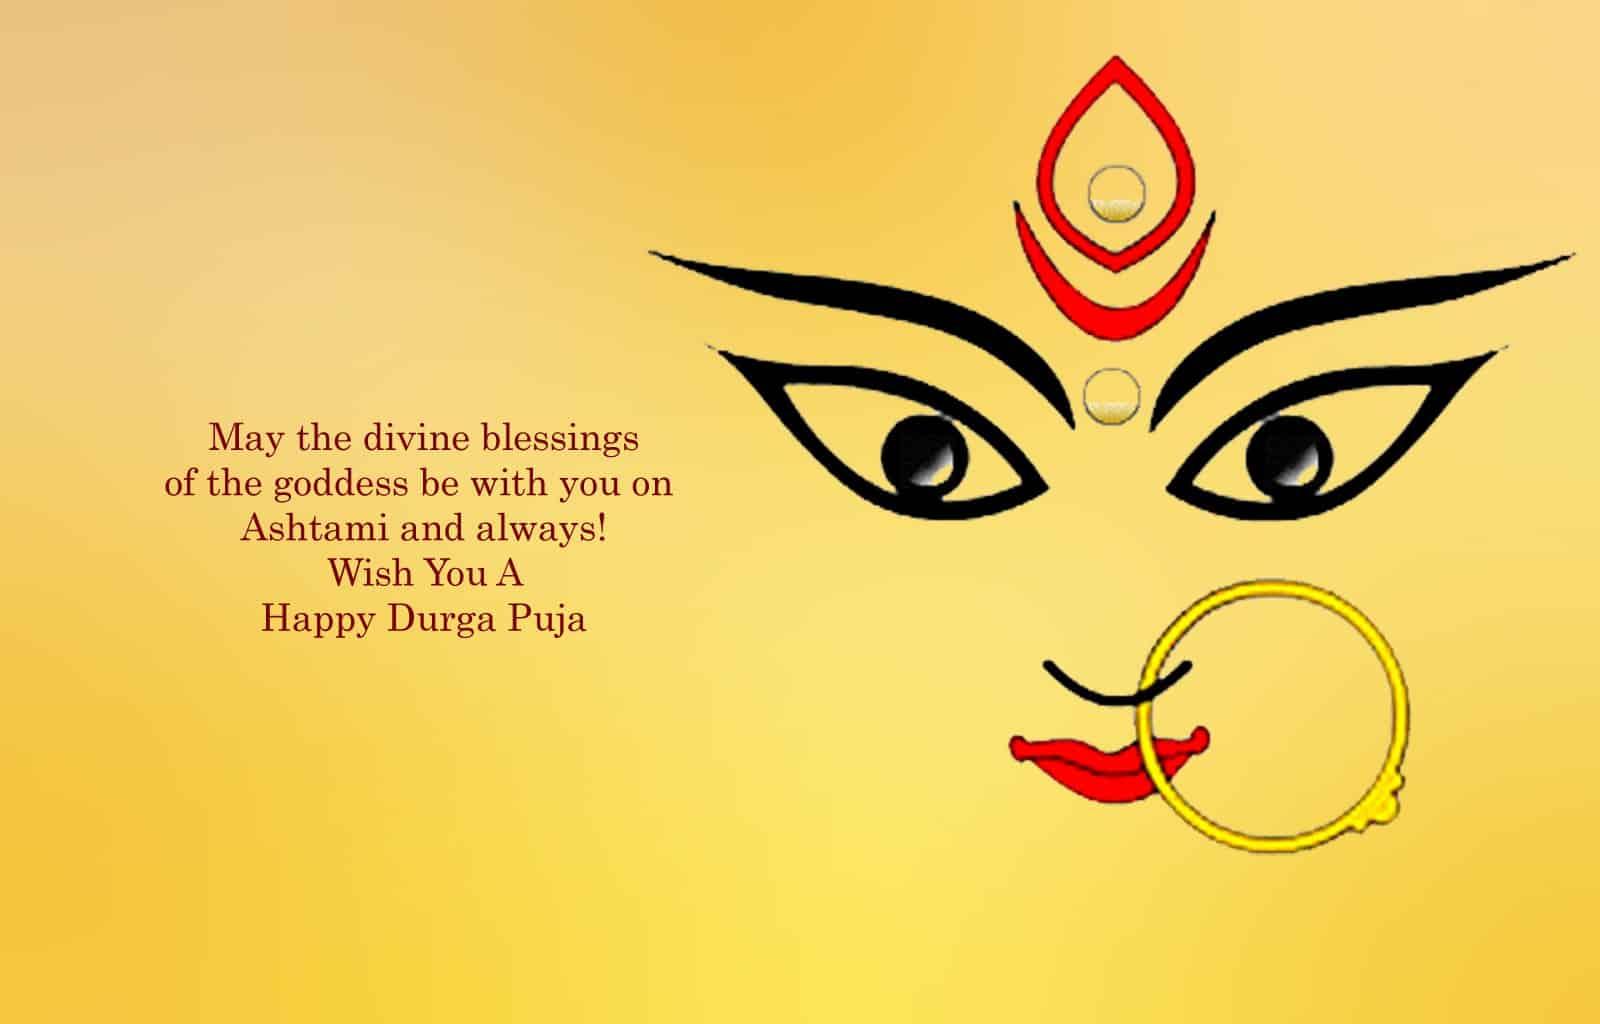 happy-durga-puja-images-photos